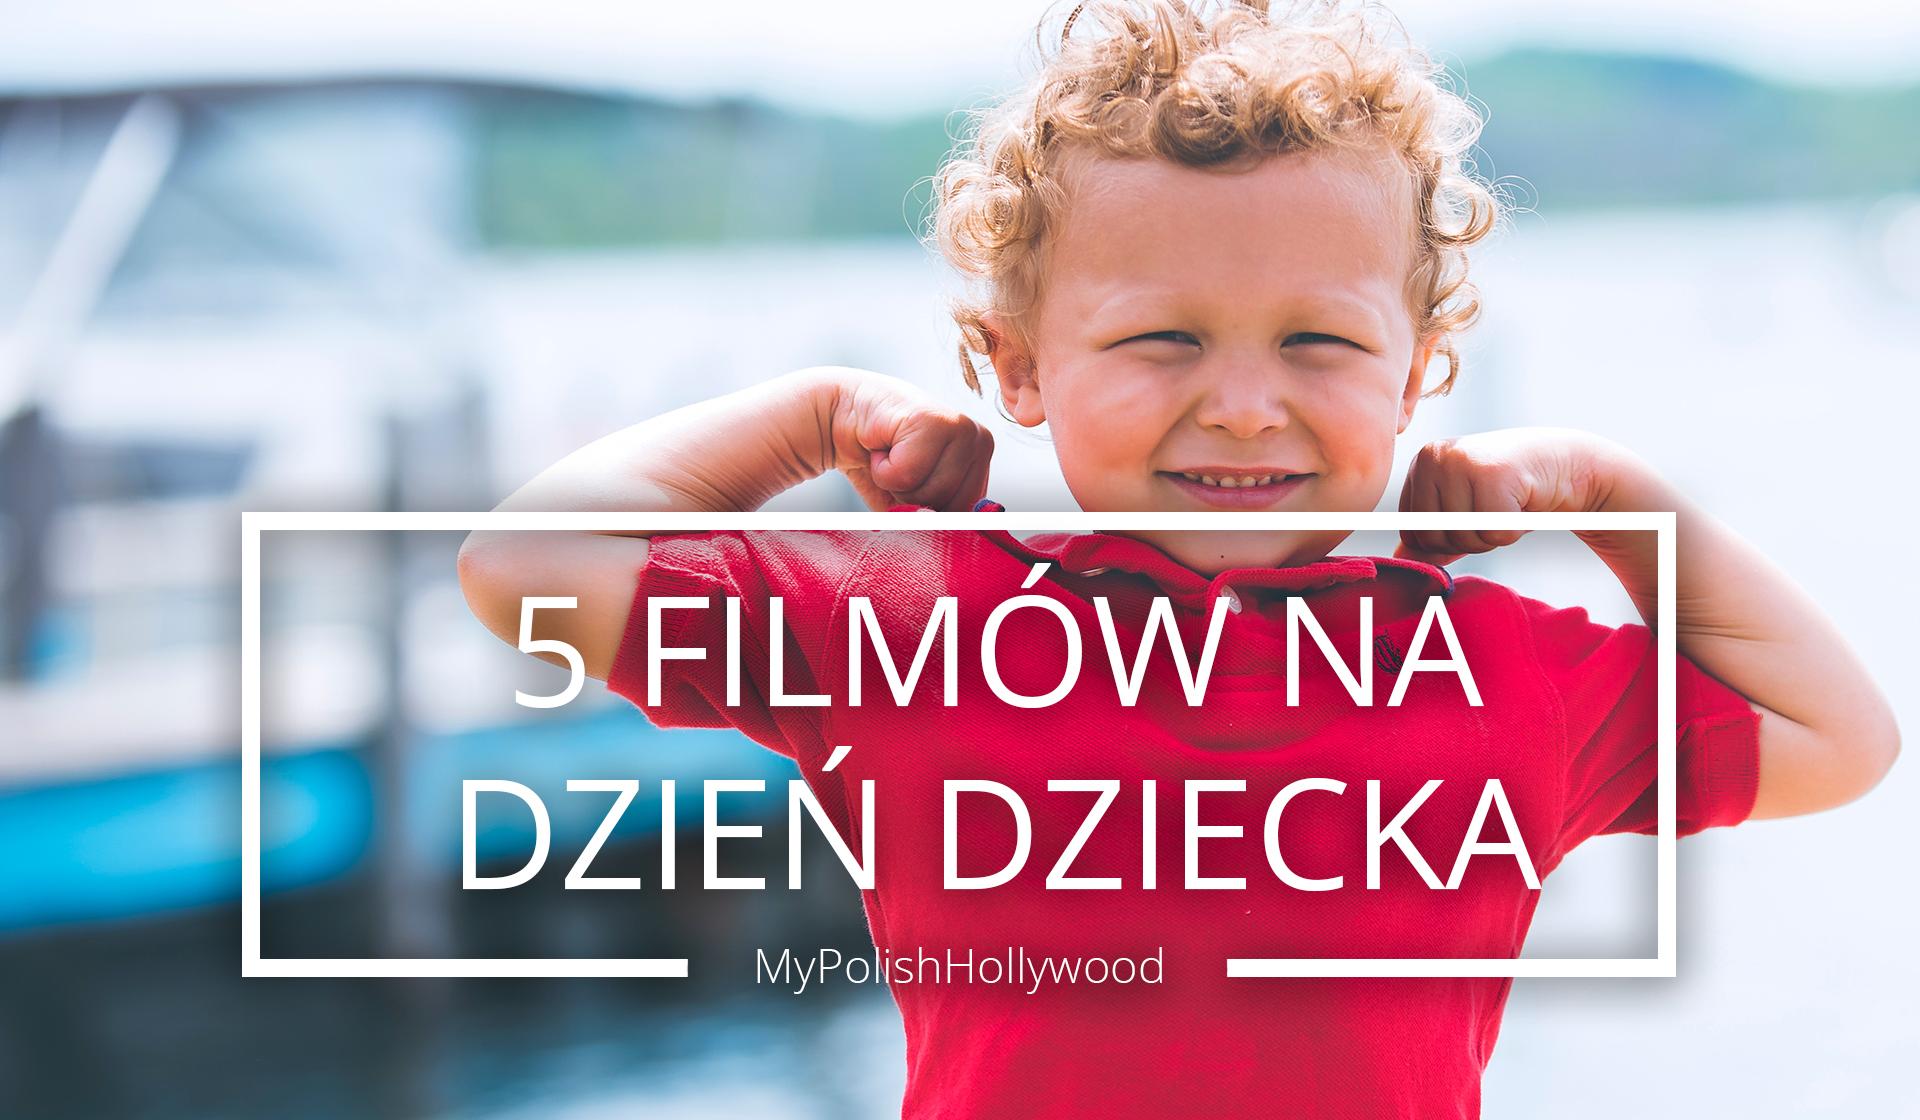 Znów stań się dzieckiem! Obejrzyj 5 filmów na DZIEŃ DZIECKA